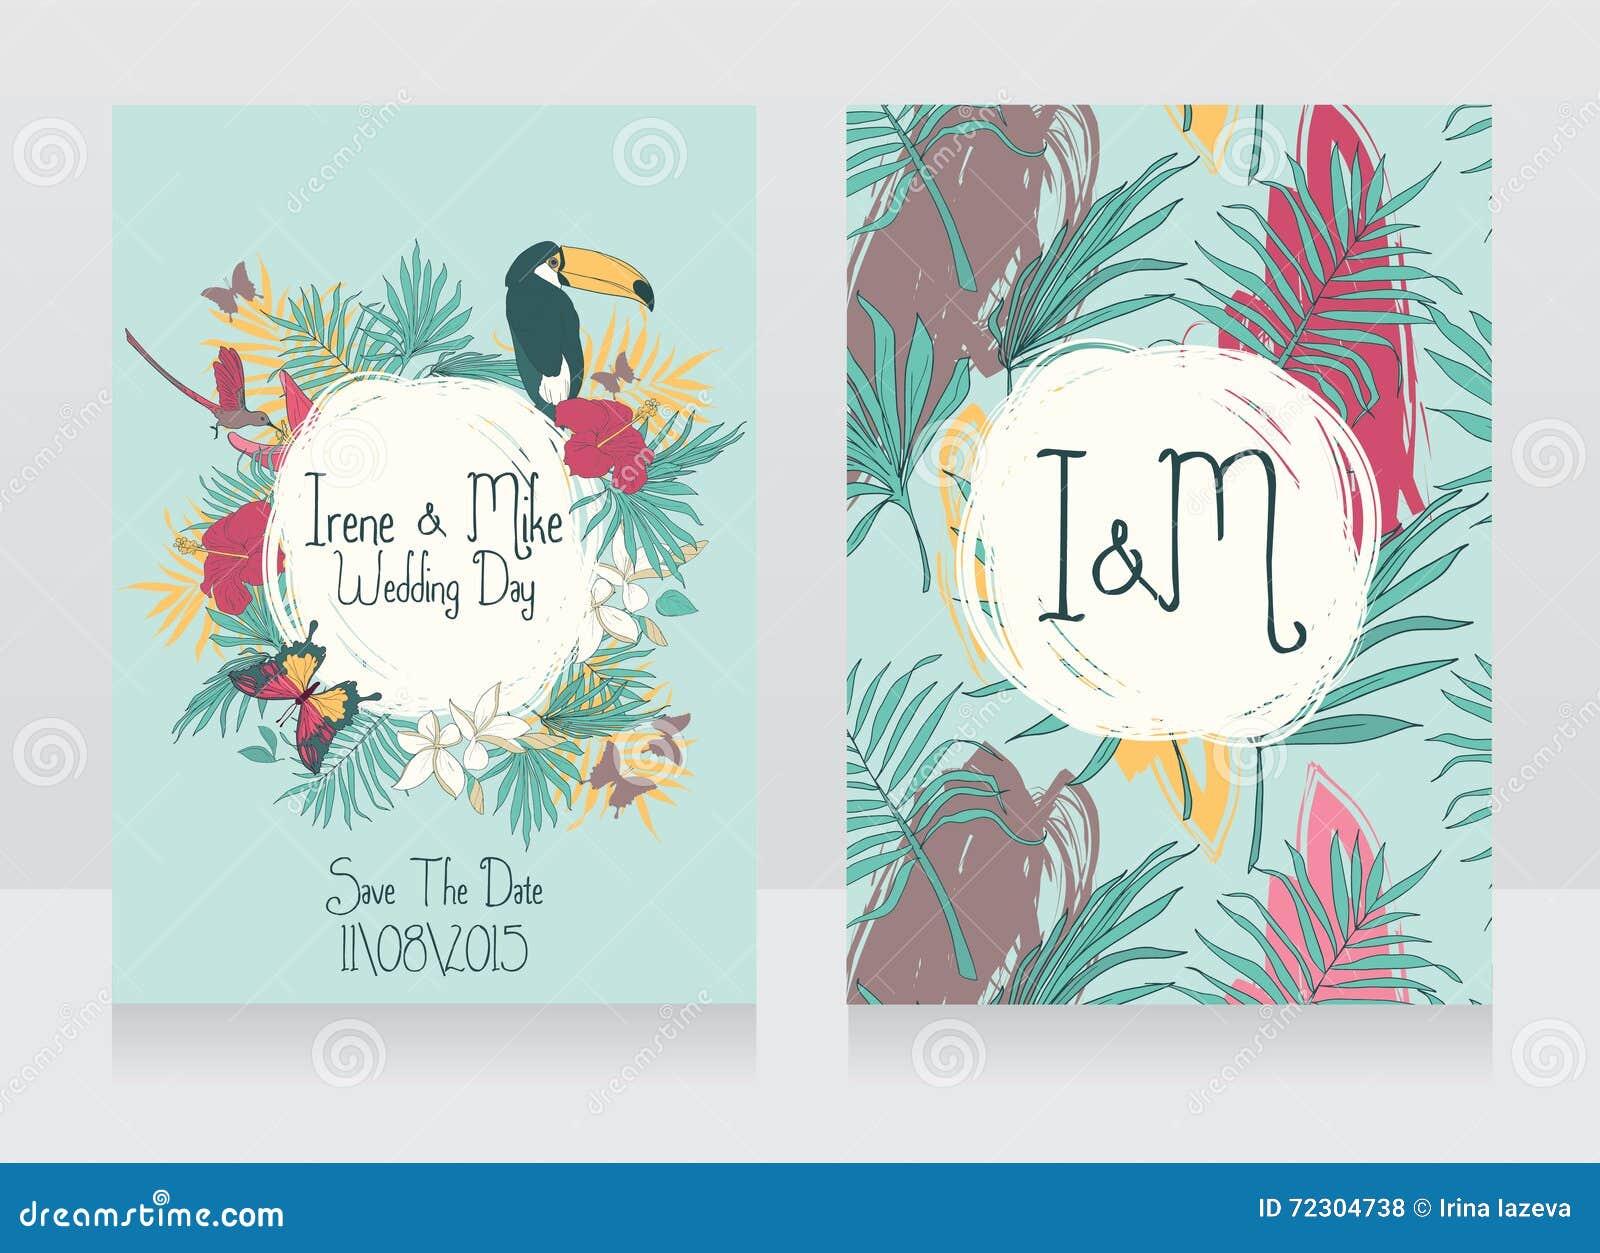 Hochzeitskarten Mit Tropischen Vogeln Und Blumen Vektor Abbildung